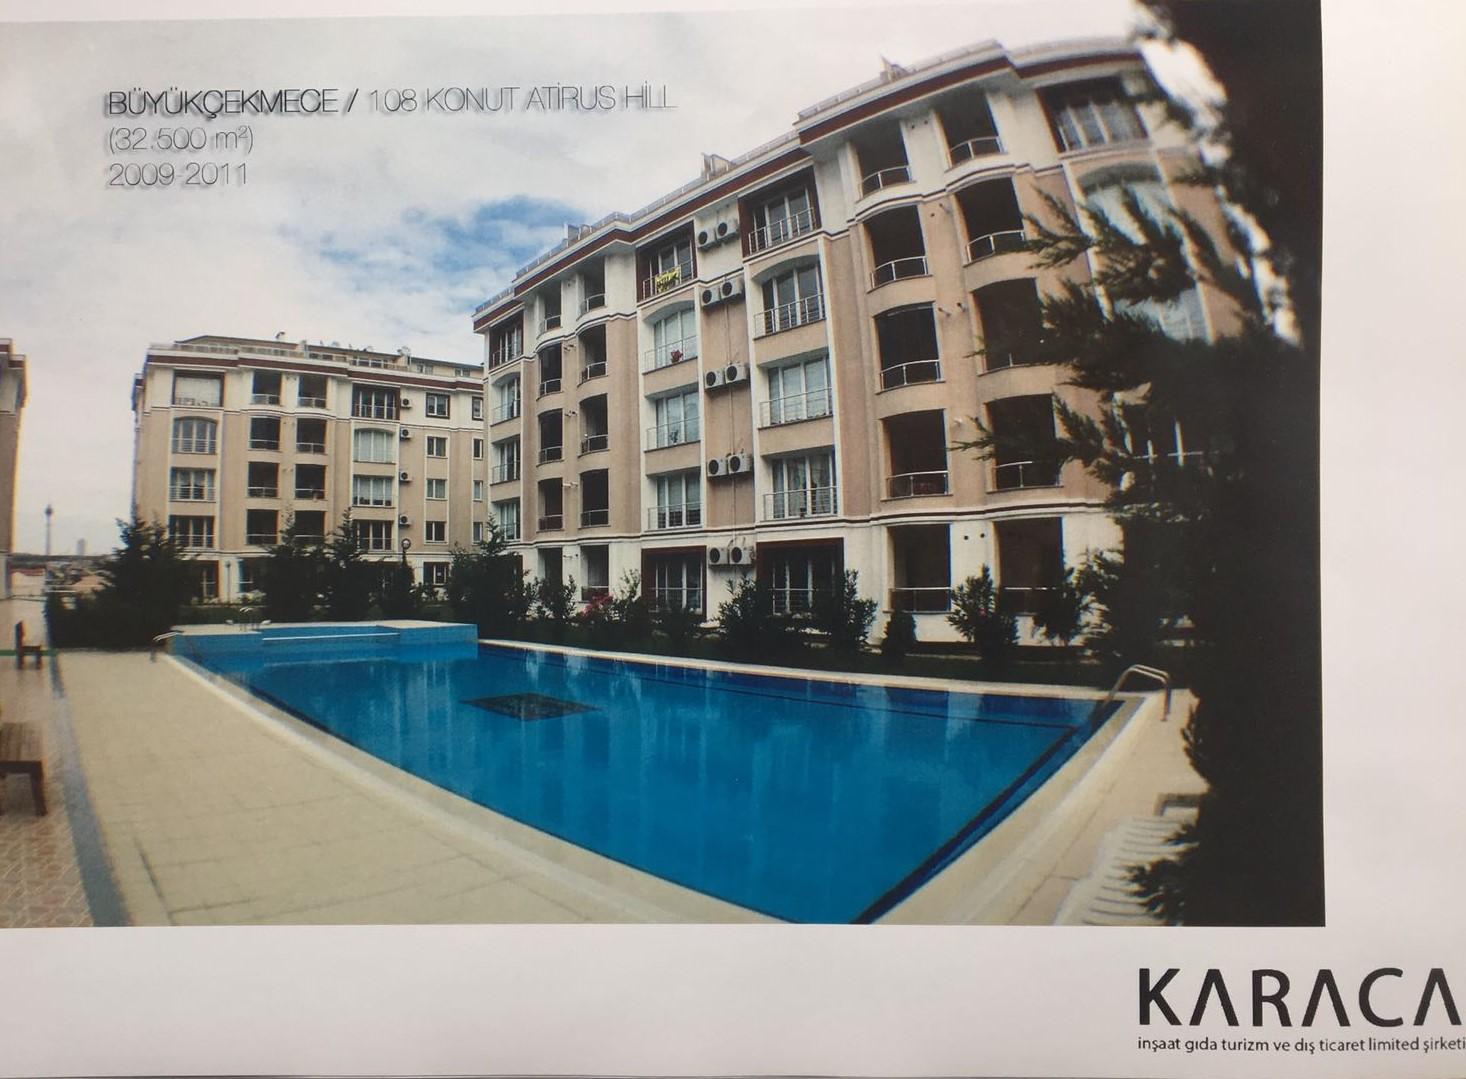 KARACA İNŞAAT TURİZM TİCARET LTD ŞTİ 1987 yılında şahıs şirketi olarak çalışmalara başlamış,2002 yılından berı kurumsal olarak yoluna devam etmektedir..istanbul ilinde bir çok ilçede butik ve site şeklinde konutlar inşaa etmiştir...